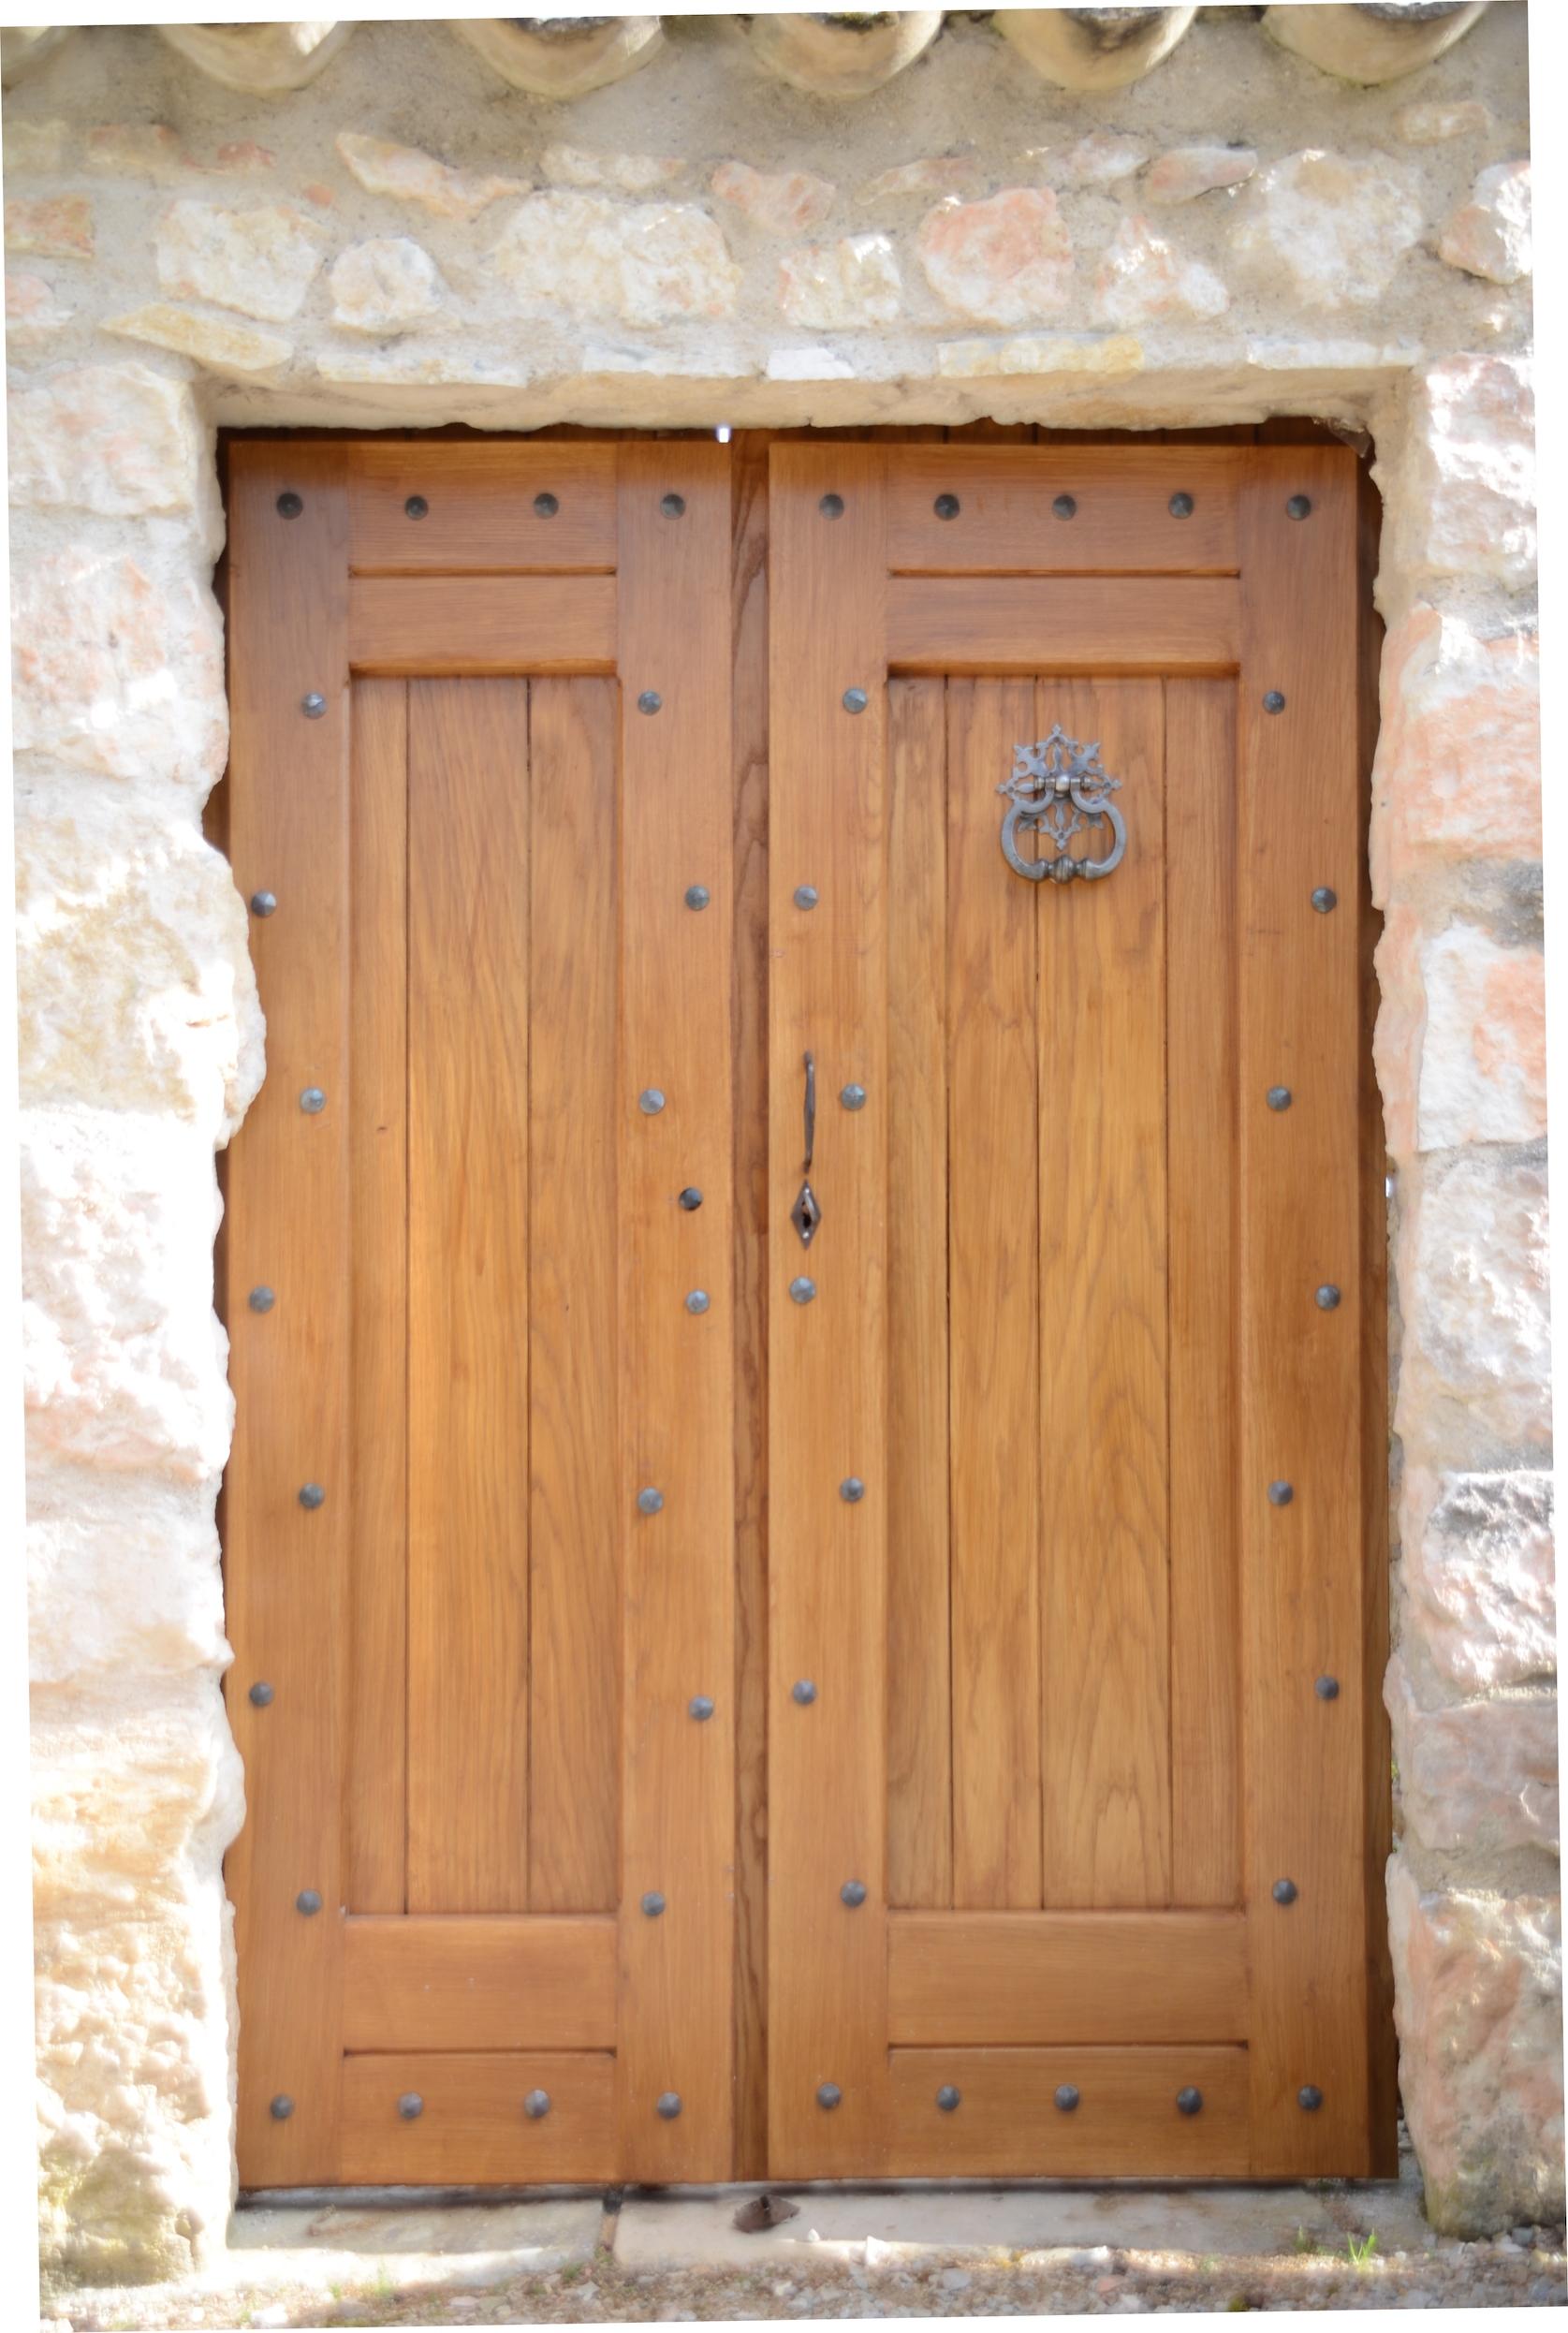 Décoration en style médiéval d'une magnifique <b>porte en bois</b> par notre client en y ajoutant des <b>clous en fer forgé</b> à partir de notre gamme complète. Localisation : <b>Tarn</b>.